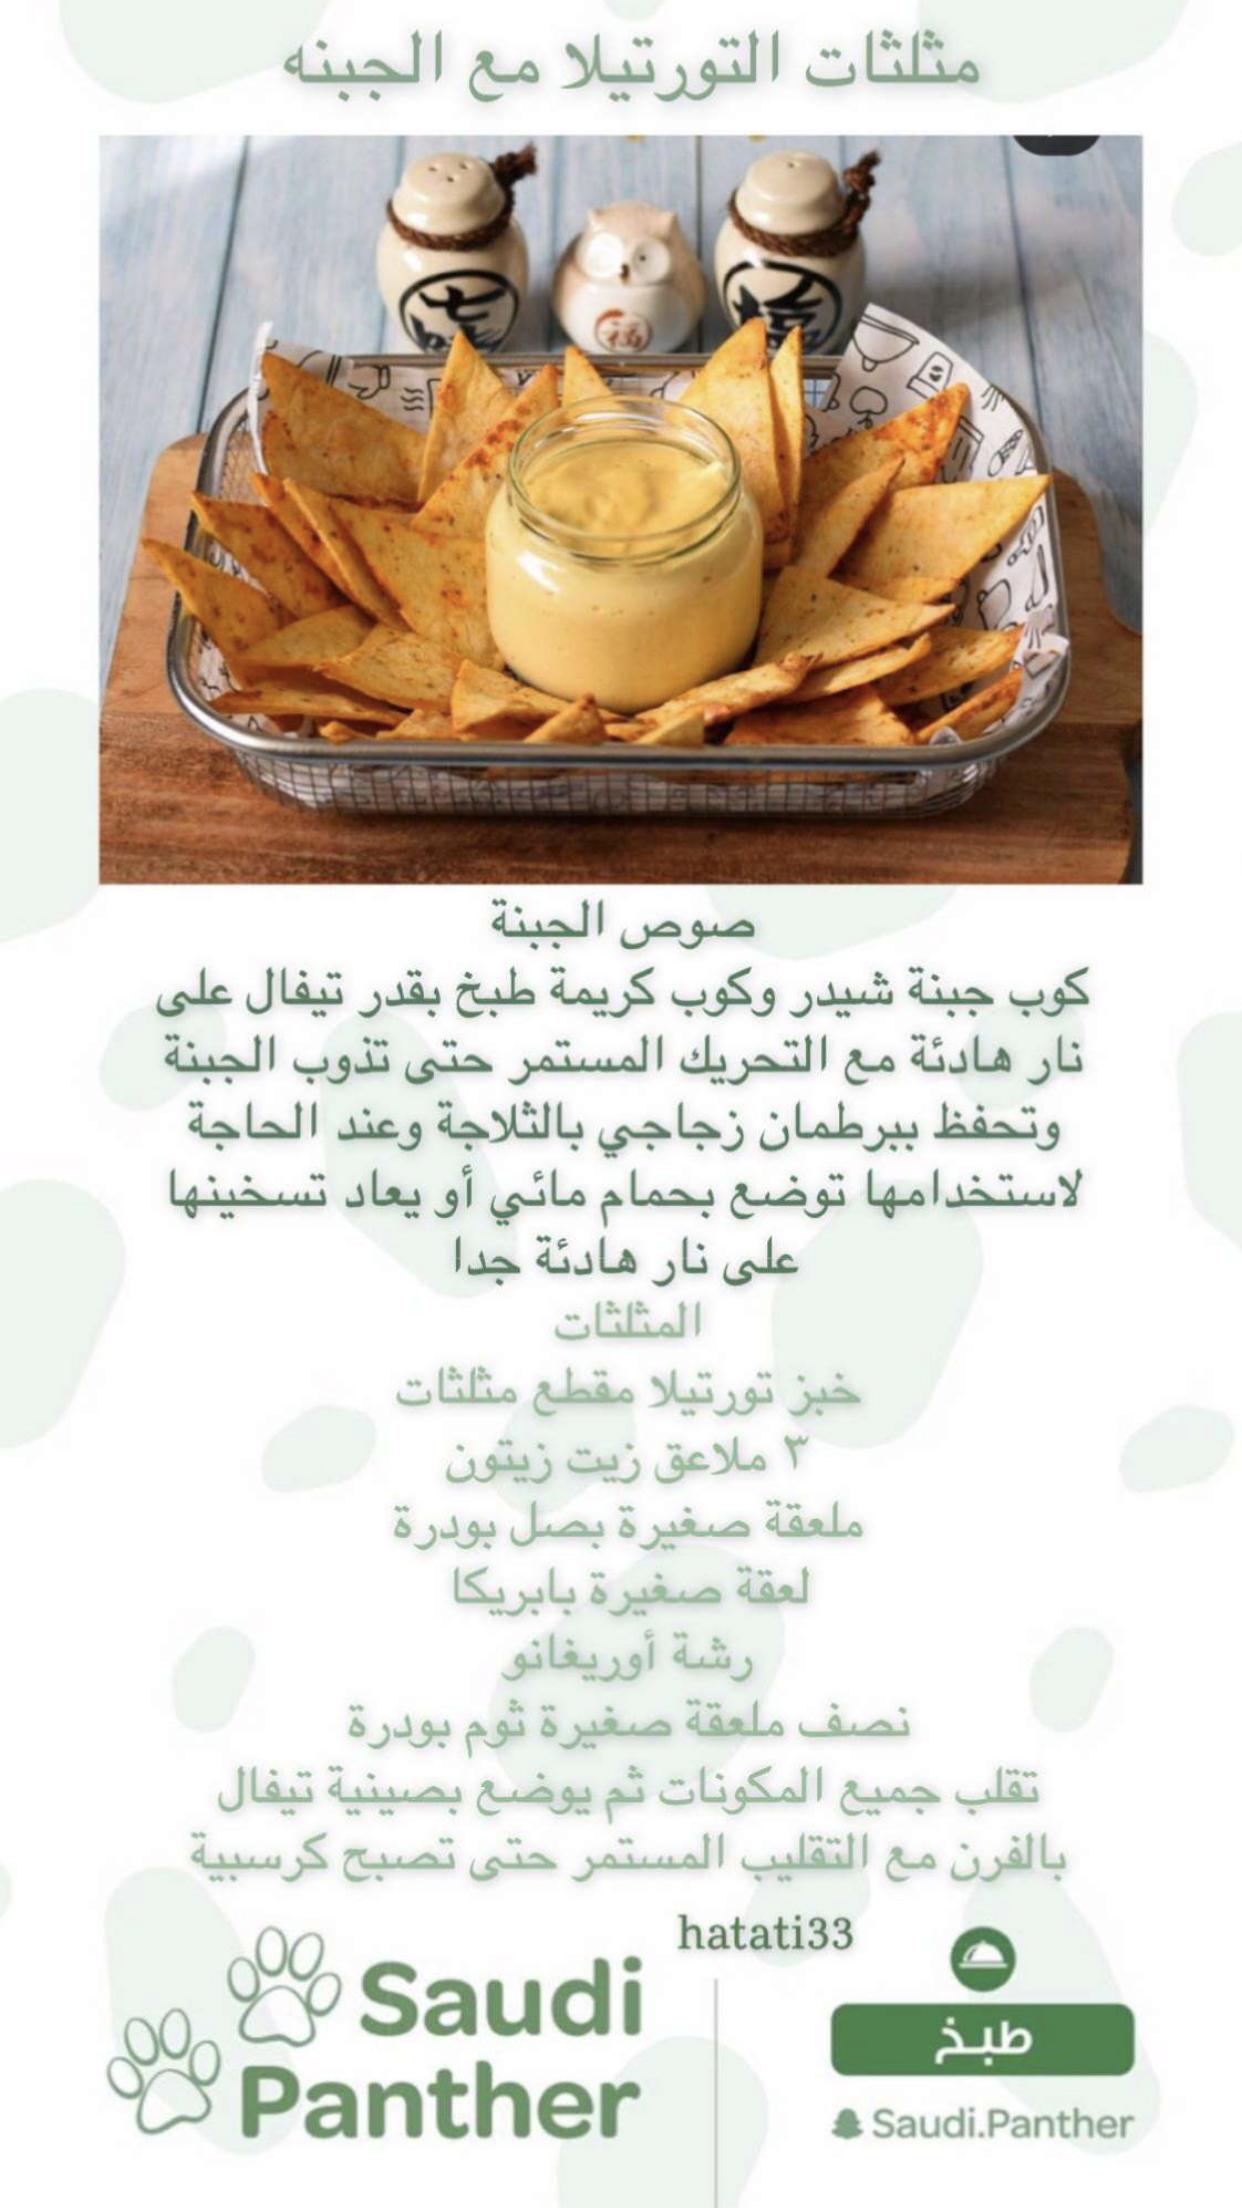 مثلثات التورتيلا مع صوص الجبن Food Drinks Dessert Yummy Food Dessert Cookout Food